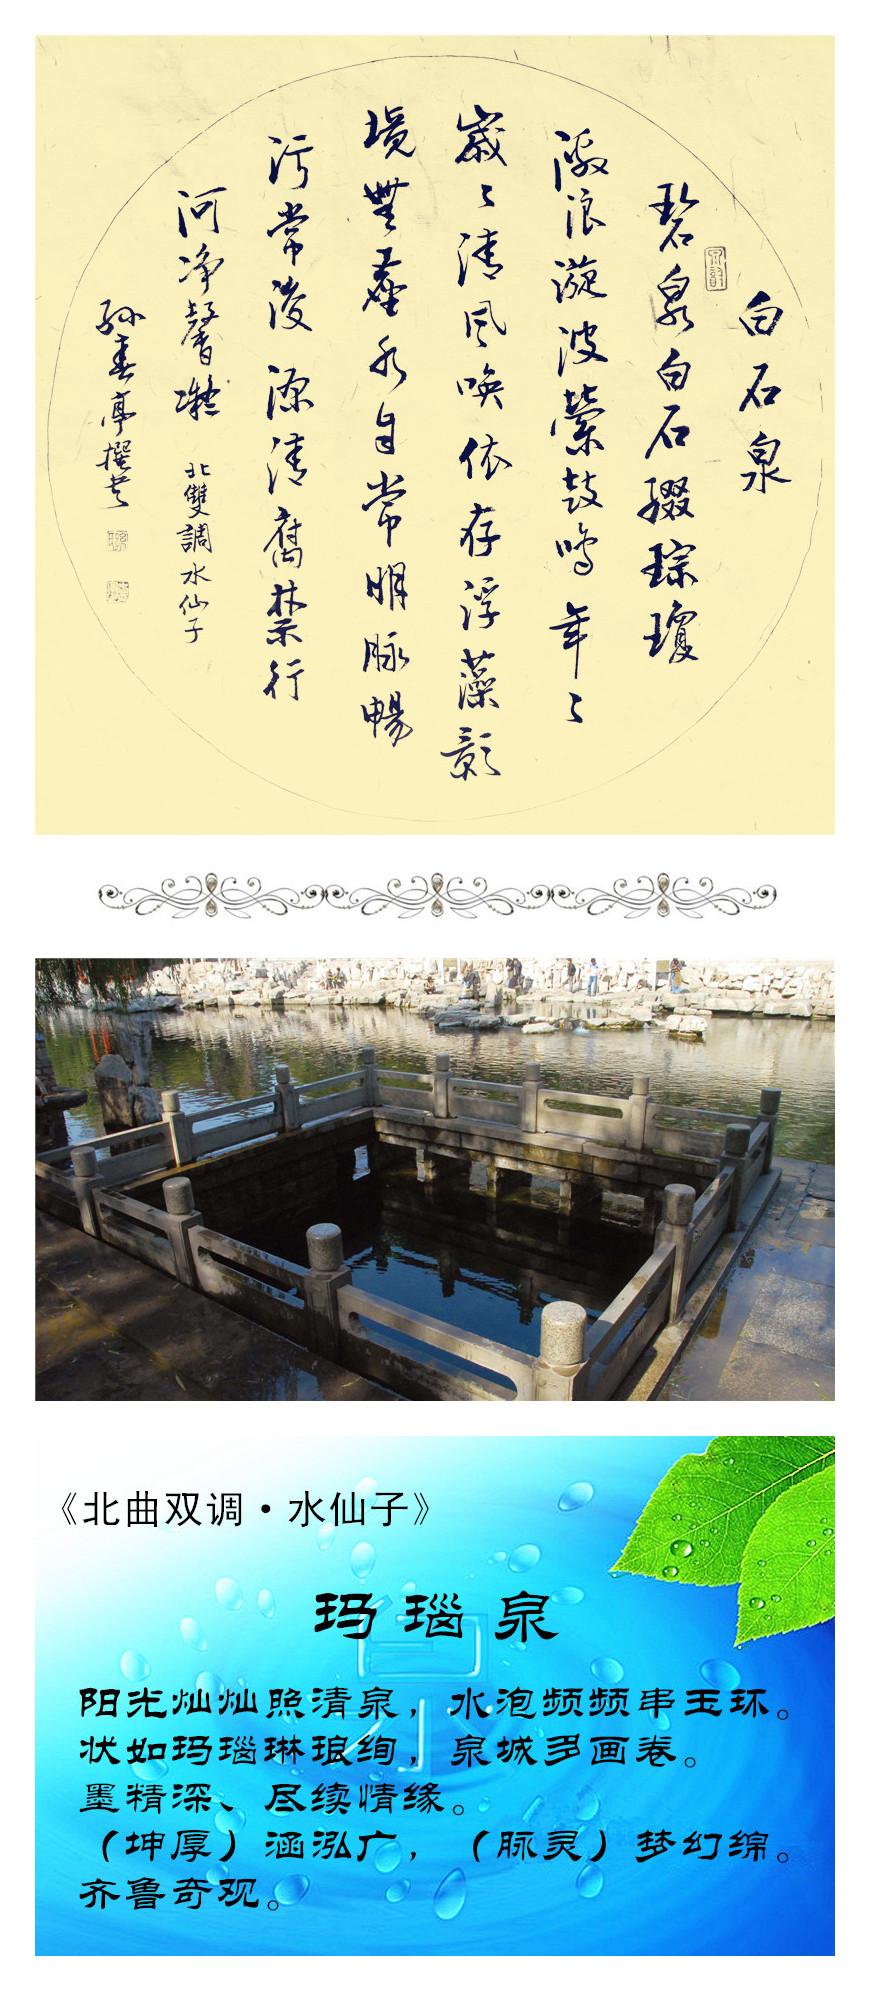 29玛瑙泉_李